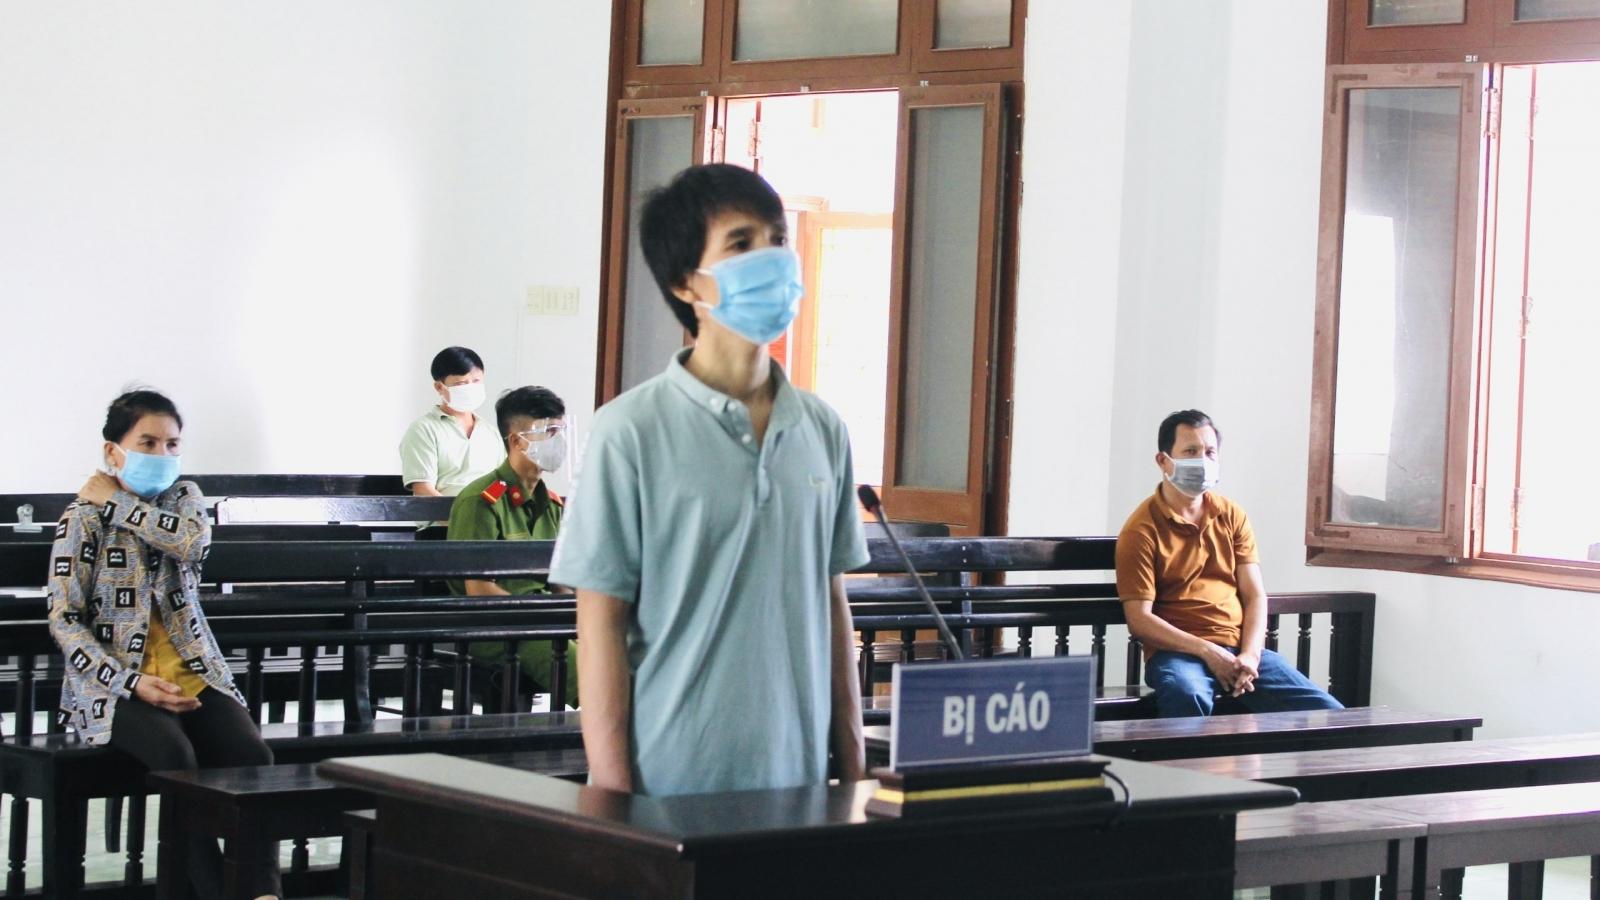 Xử phạt 10 năm tù kẻ hoạt động nhằm lật đổ chính quyền nhân dân